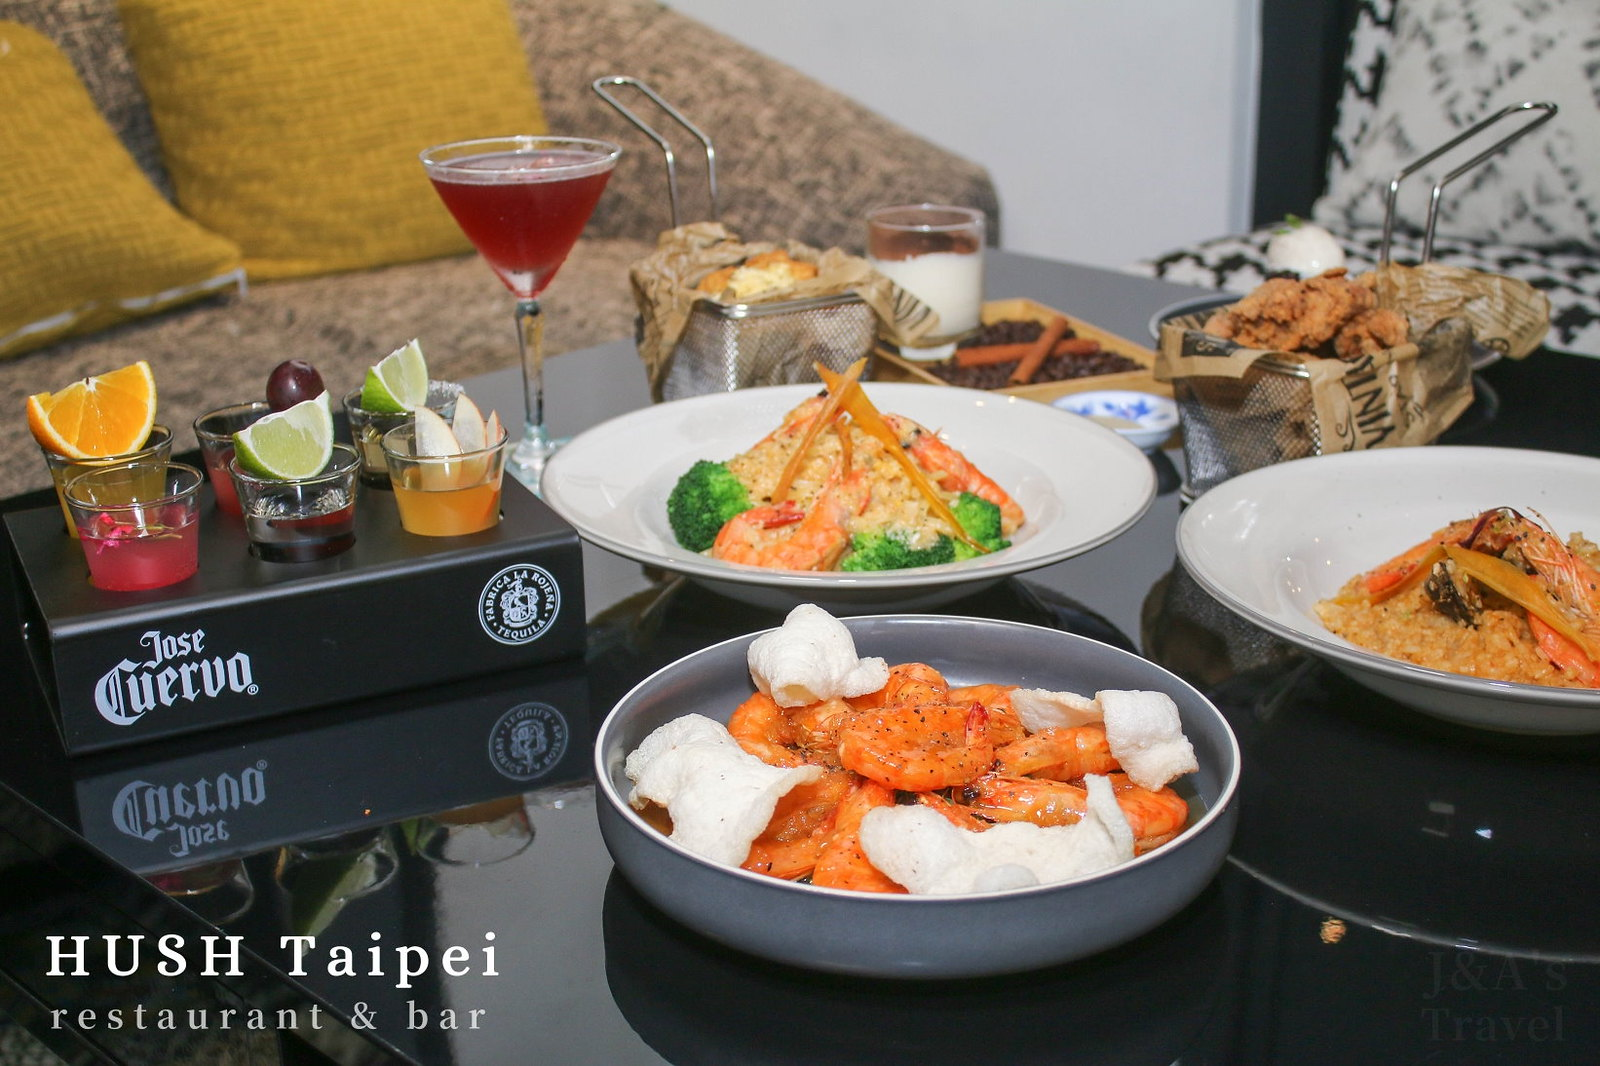 最新推播訊息:周末夜晚小酌一下吧!東區高評價創意餐酒館推薦❤